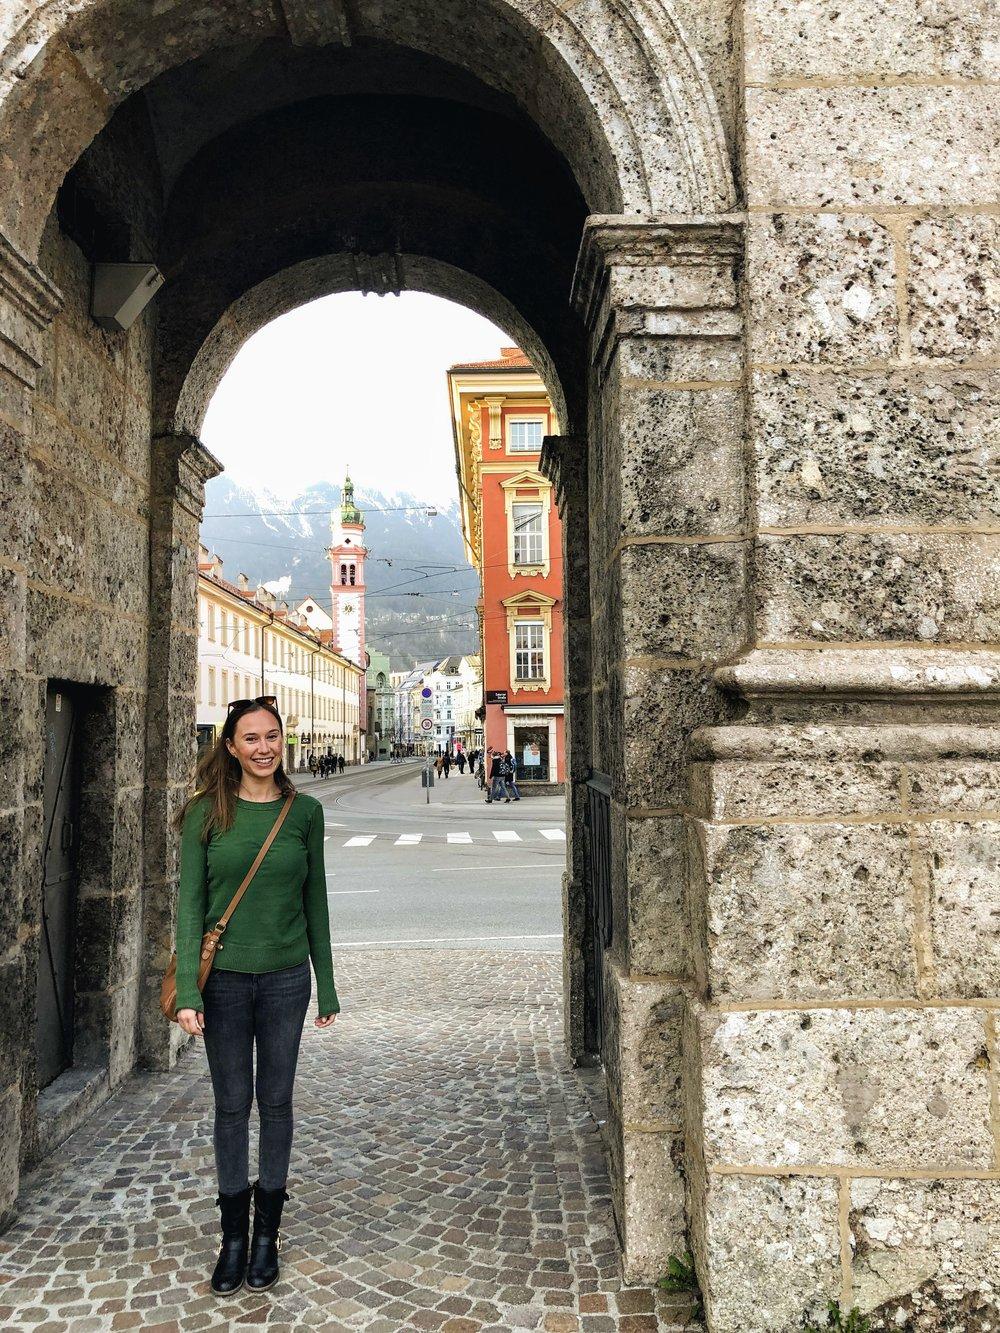 Under the Triumphal Arch in Innsbruck Austria